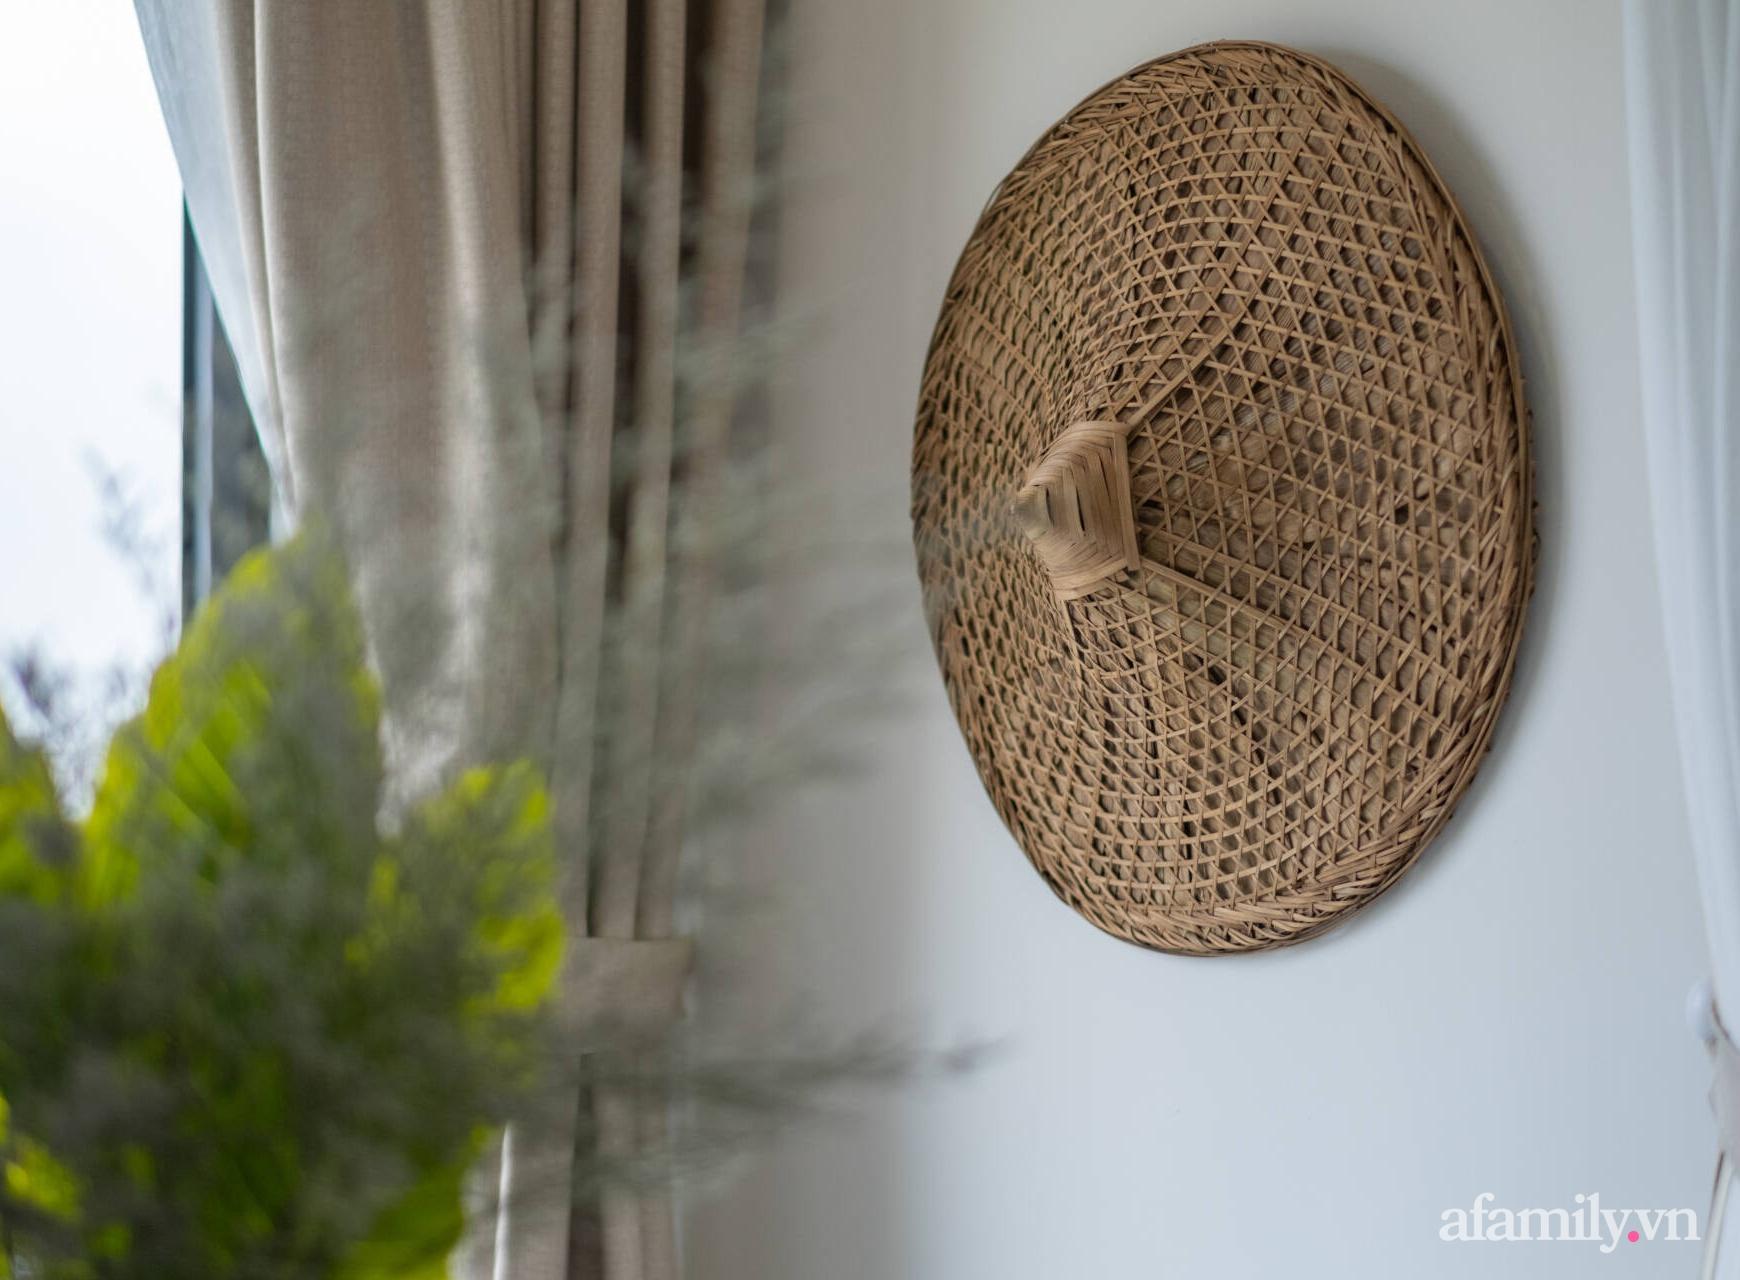 Căn hộ 3 phòng ngủ đẹp tinh tế với phong cách Indochine ở Vinhomes Ocean Park, Hà Nội - Ảnh 13.